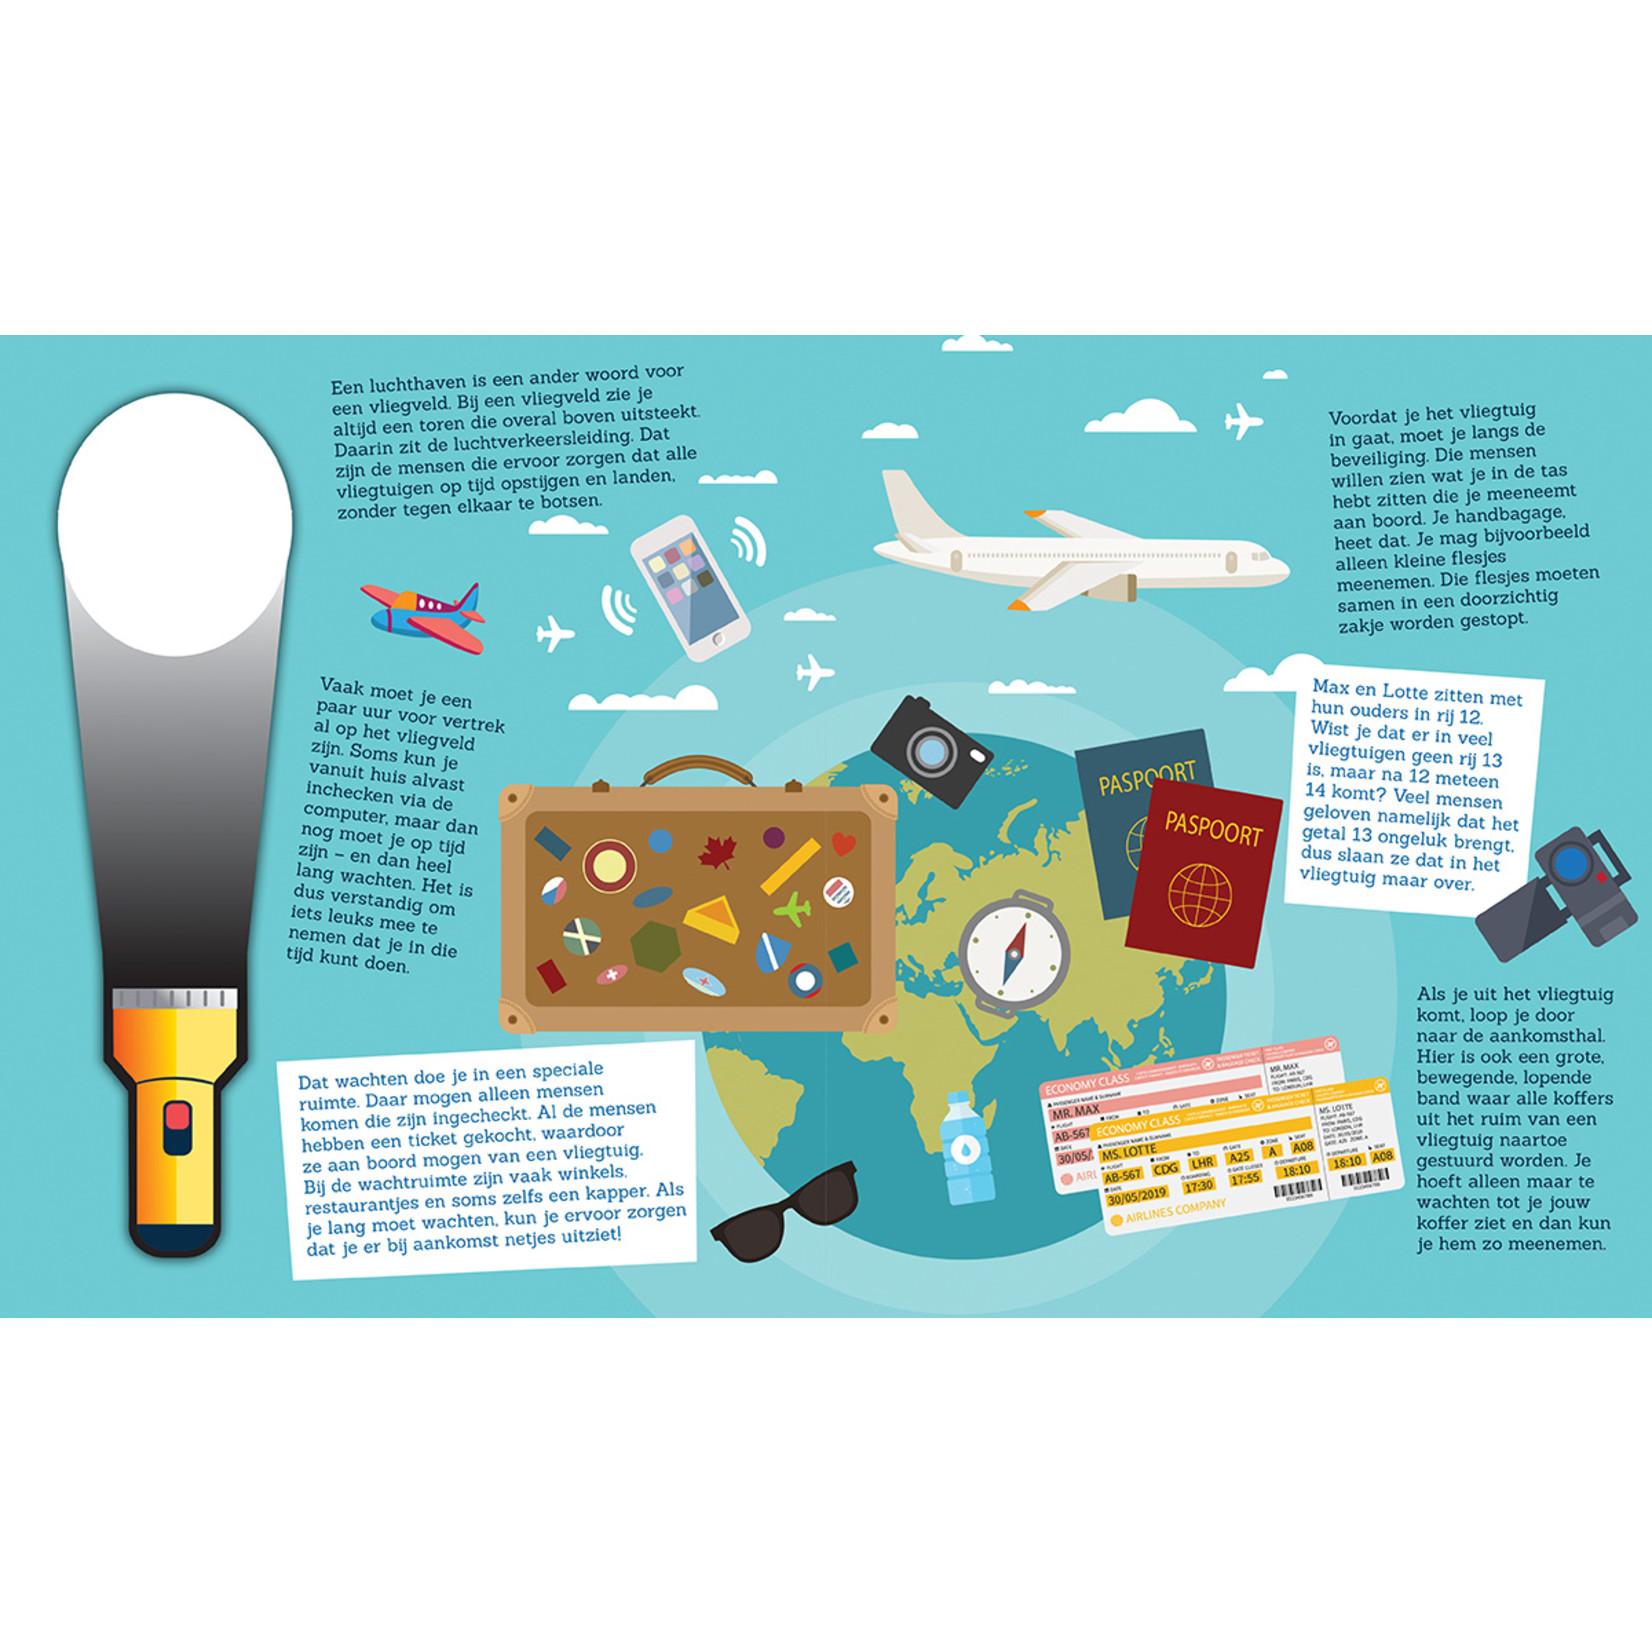 Zaklampboek - Voor het eerst met het vliegtuig